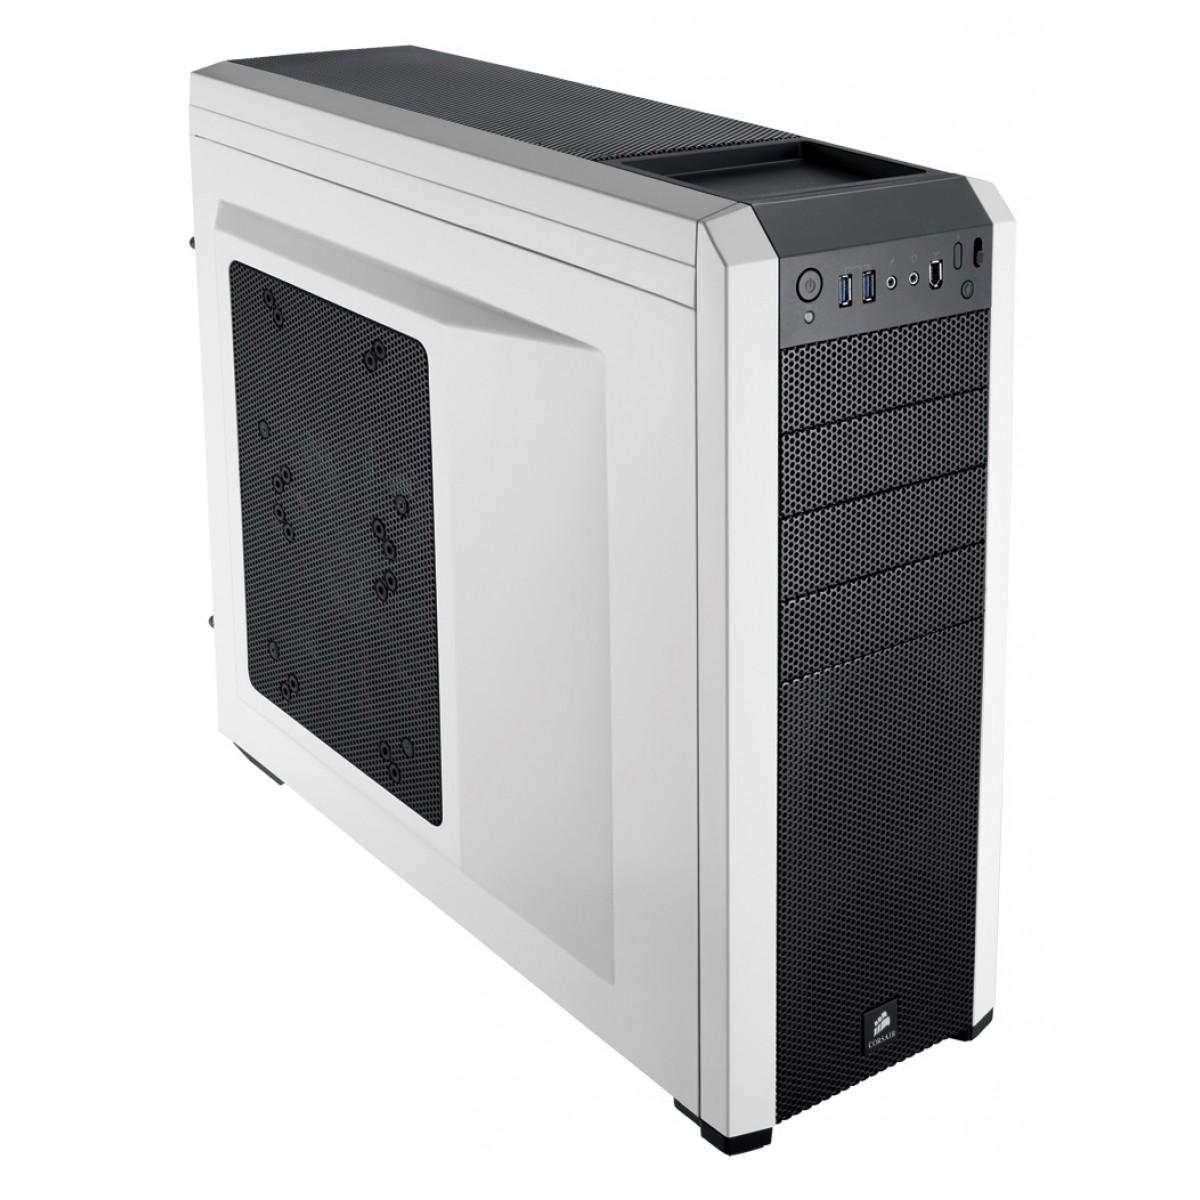 Corsair Carbide 500r White Case Taipei For Computers